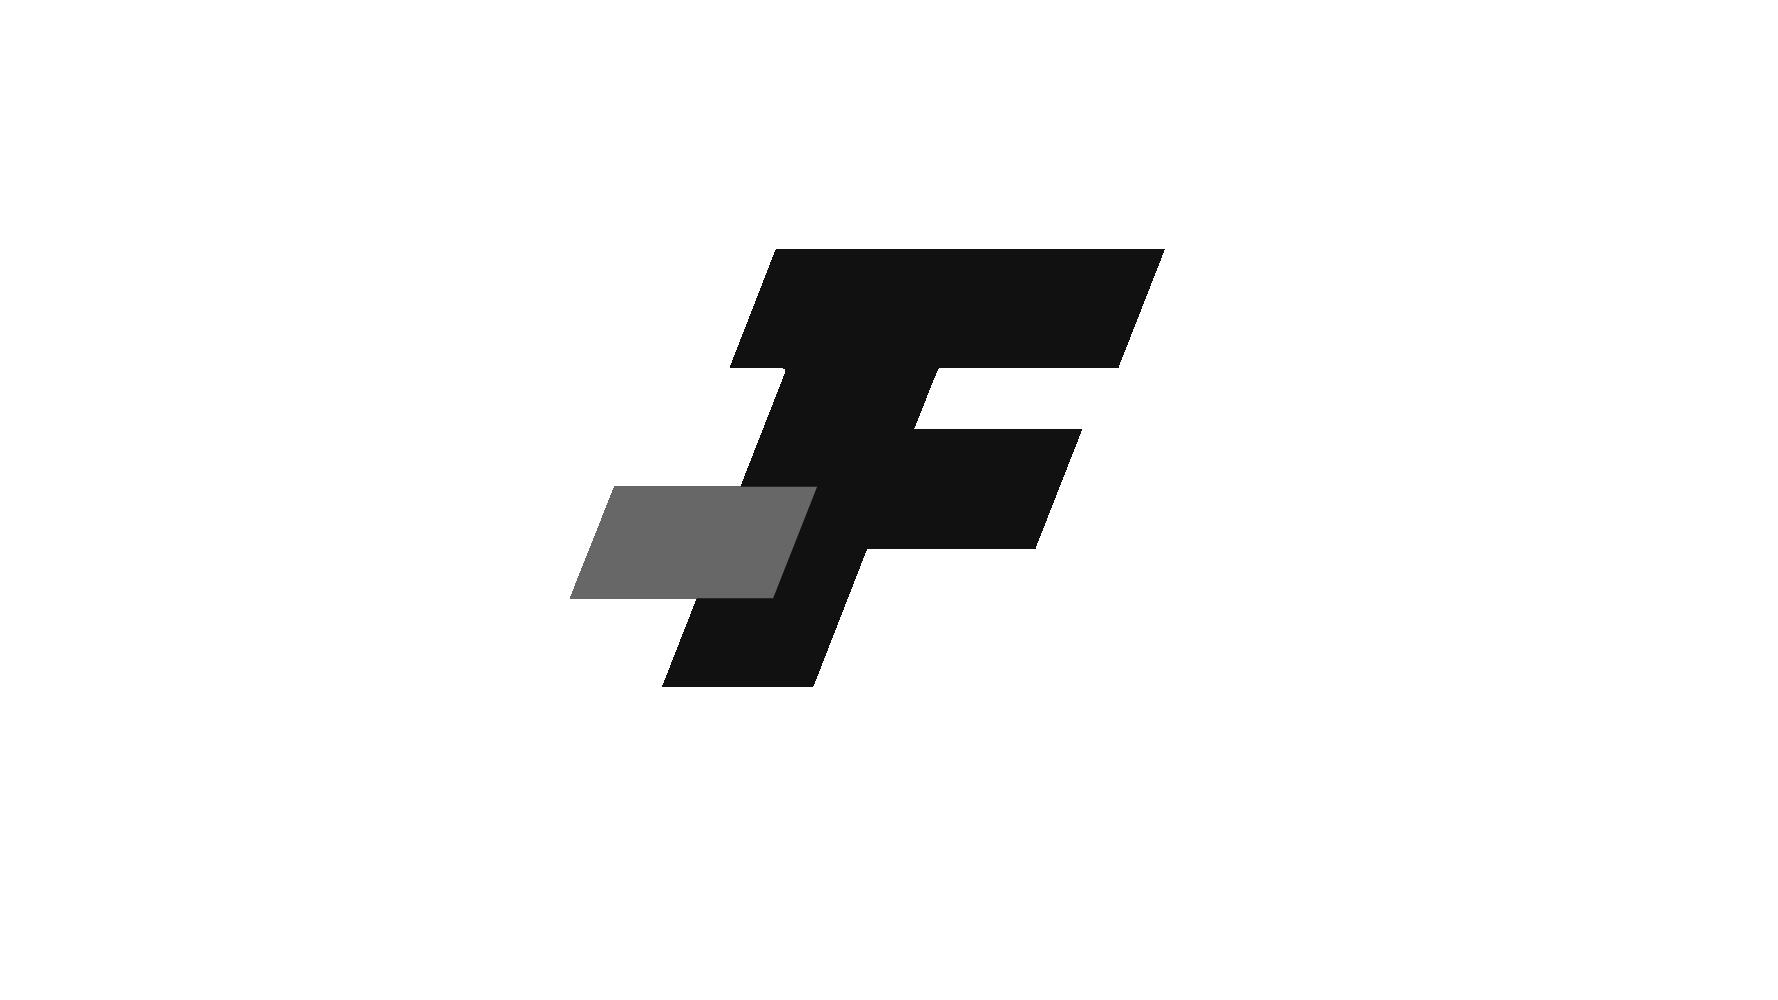 Fahrenheit Image